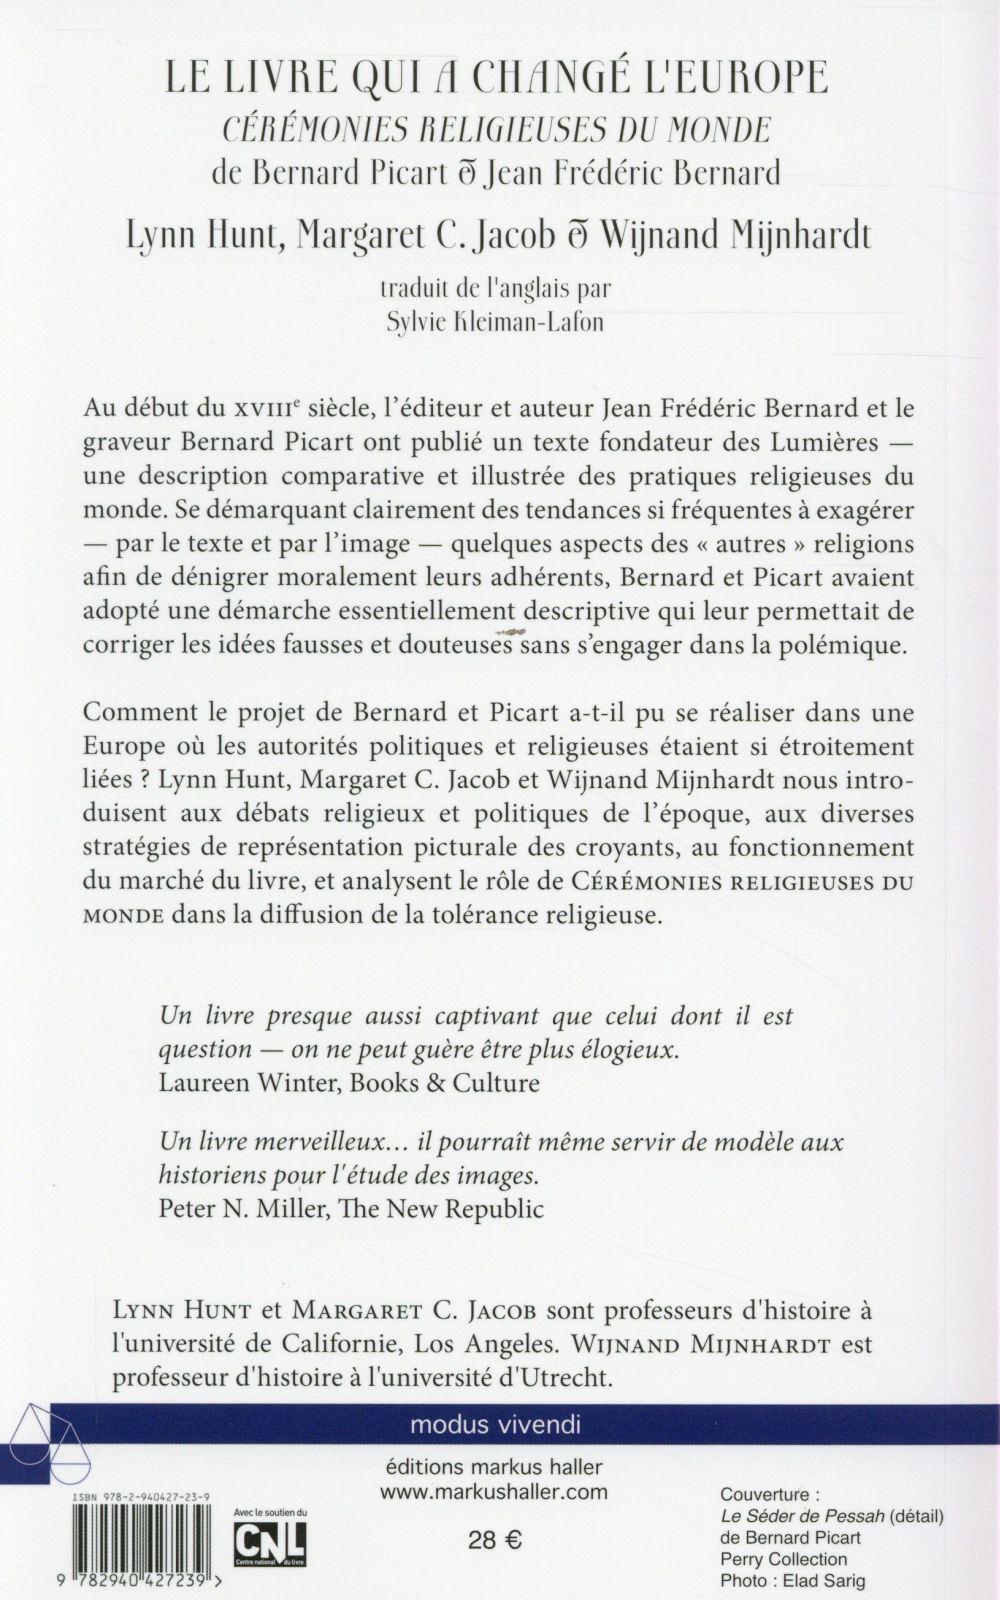 le livre qui a change l'europe - ceremonies religieuses du monde de bernard picart et jean frederic